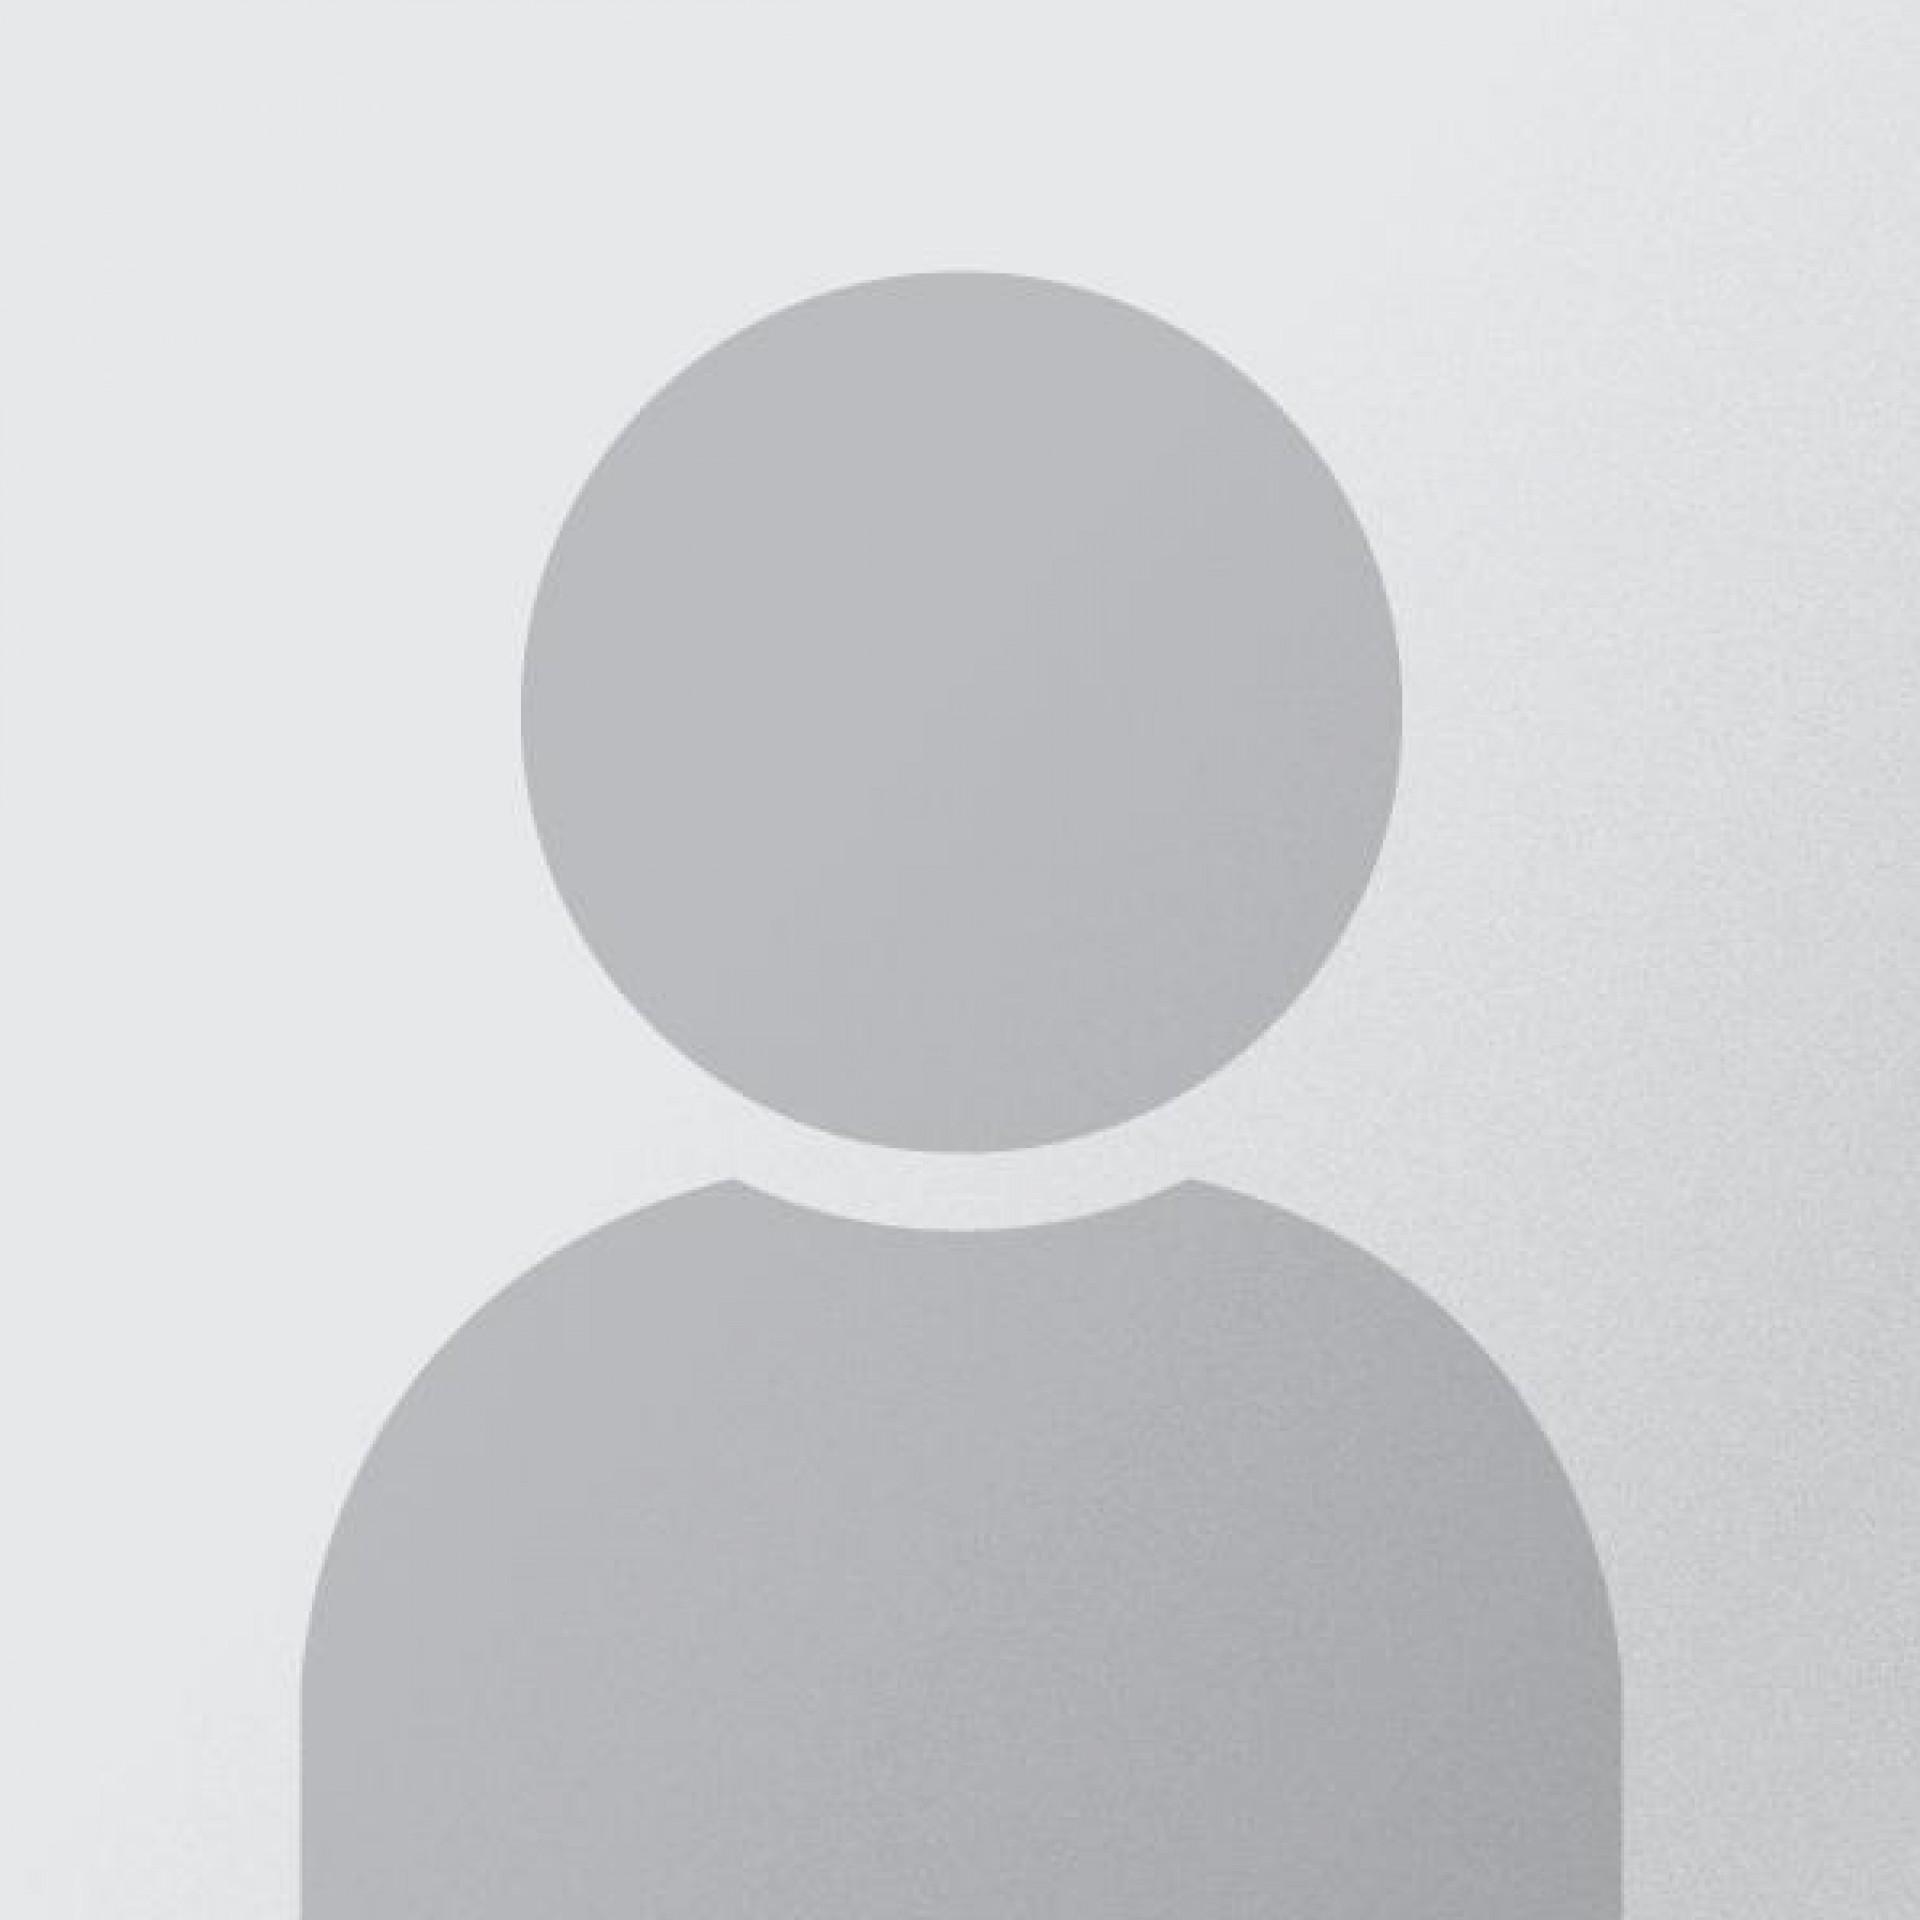 fotografia p021 profilu 0102M9KKBR